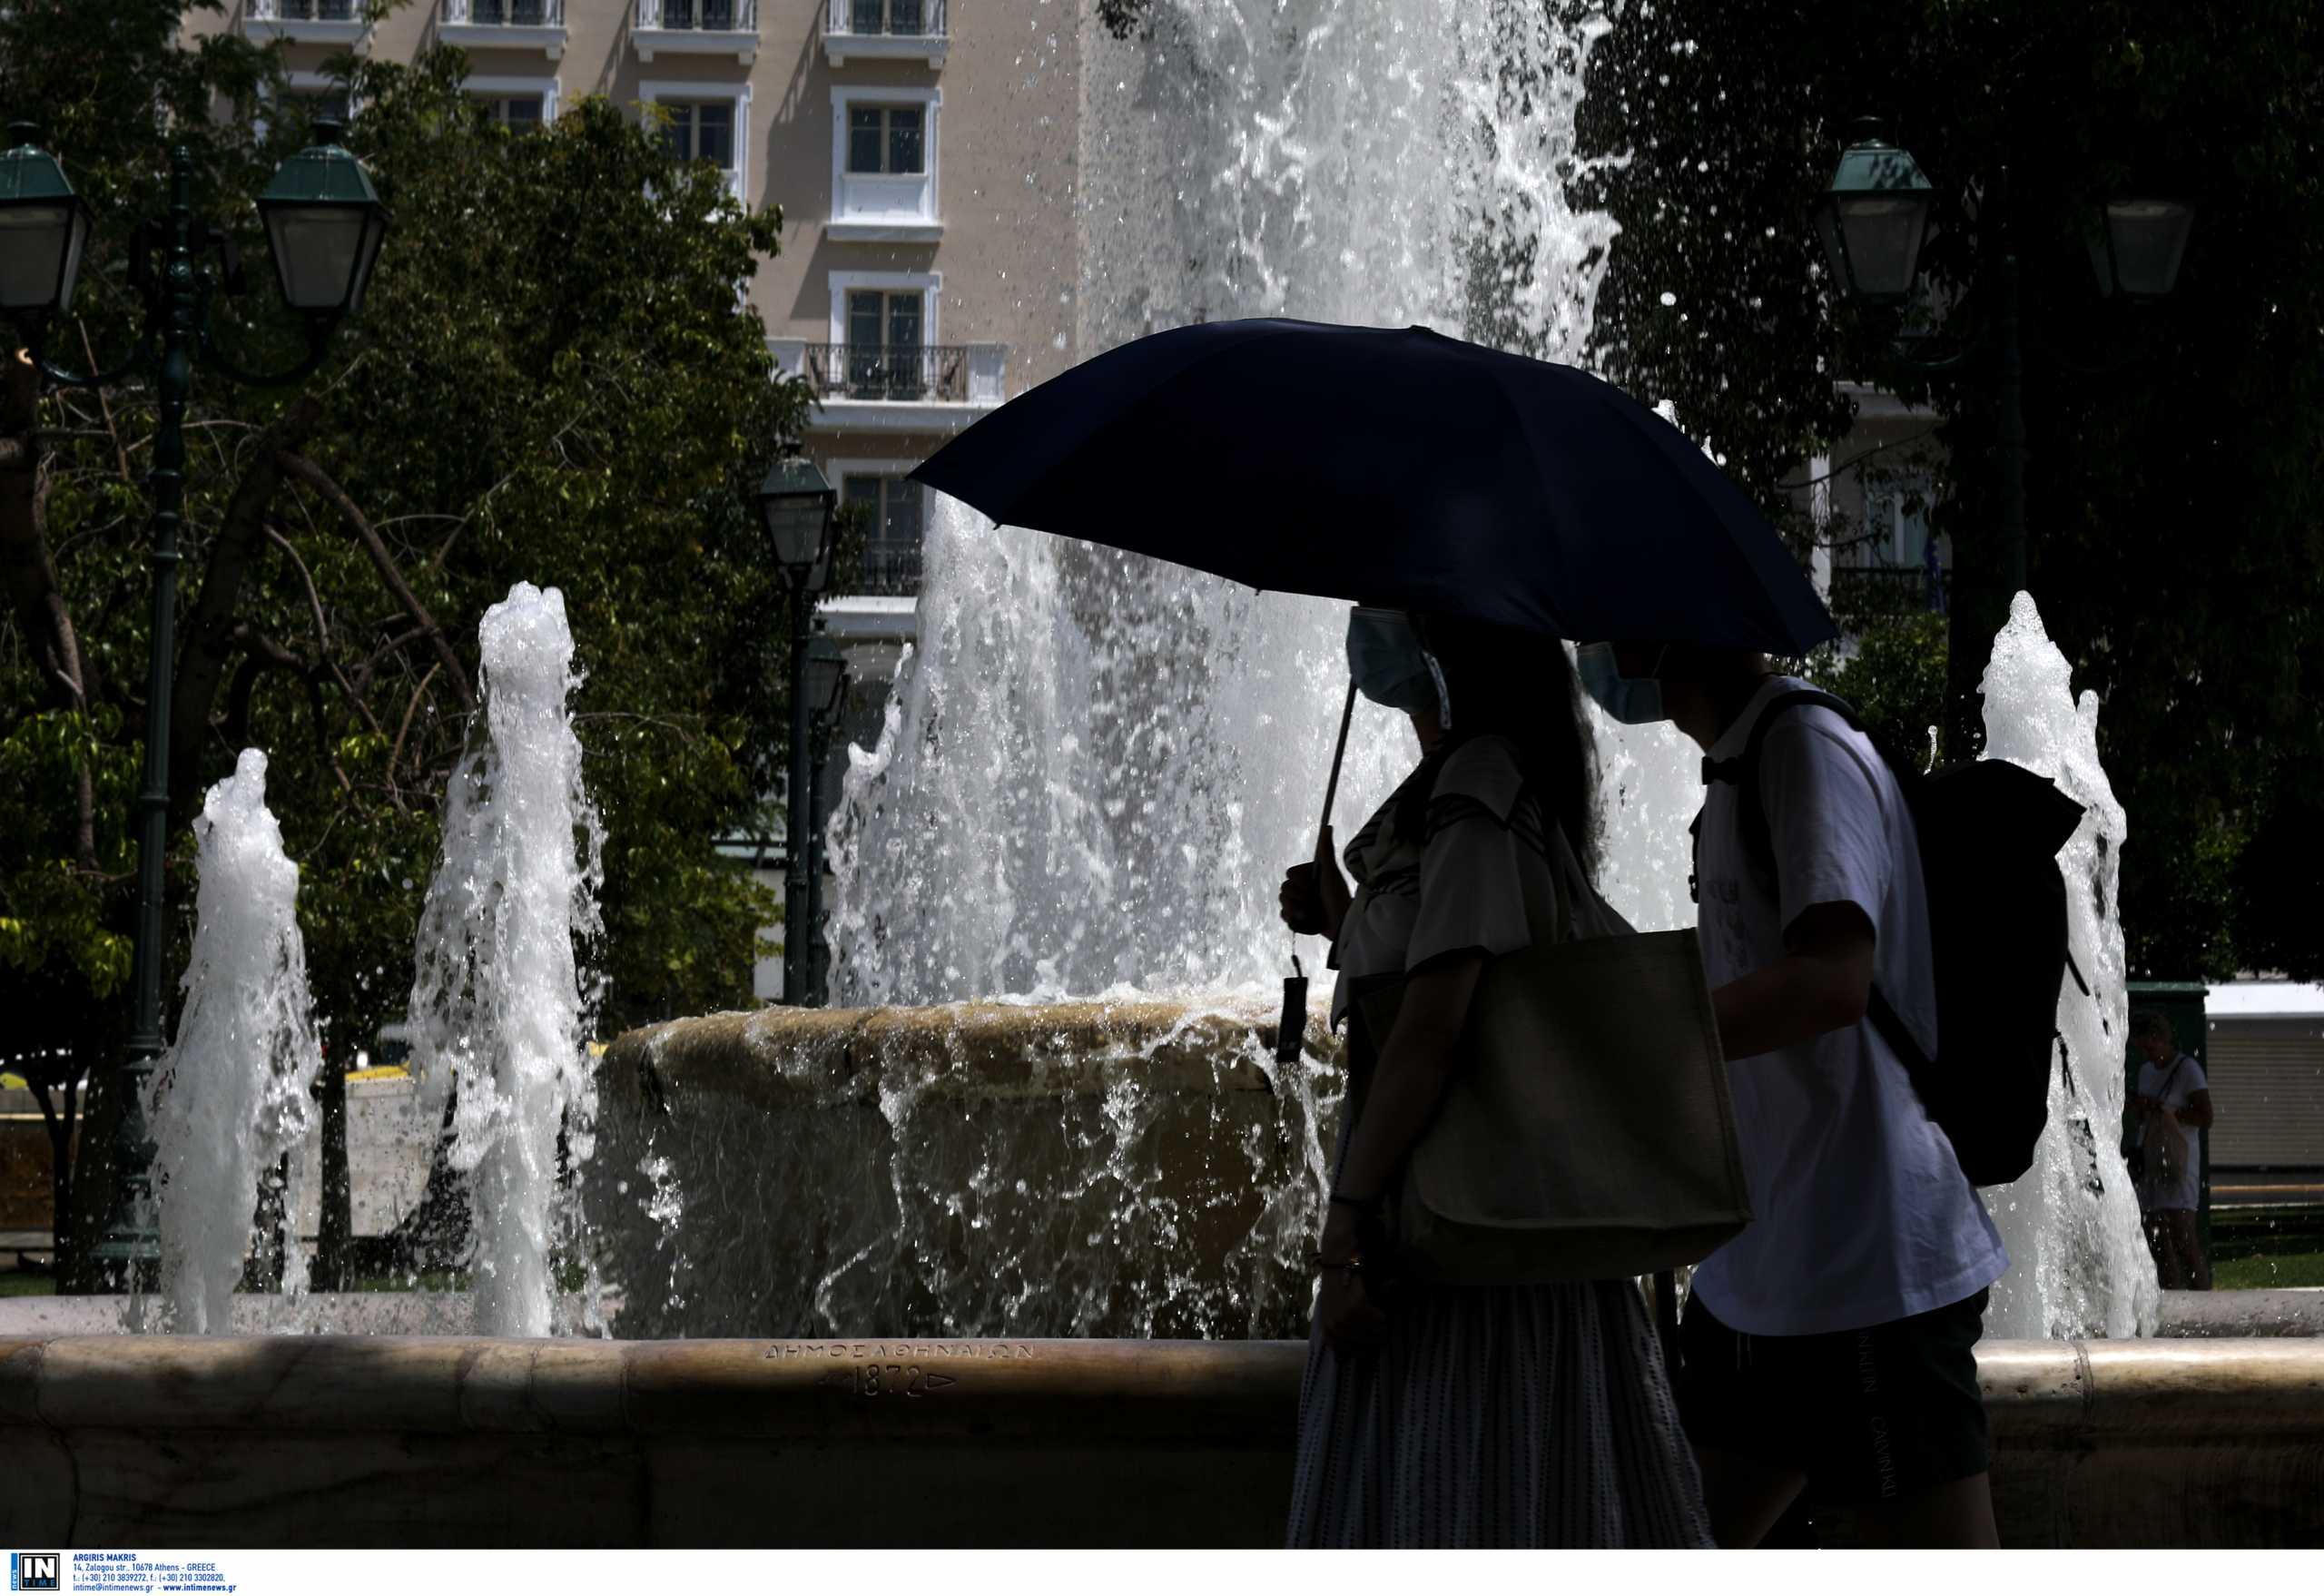 Καιρός: Καύσωνας 10 ημερών με διάλειμμα μίας ημέρας – Πού θα φτάσει η θερμοκρασία